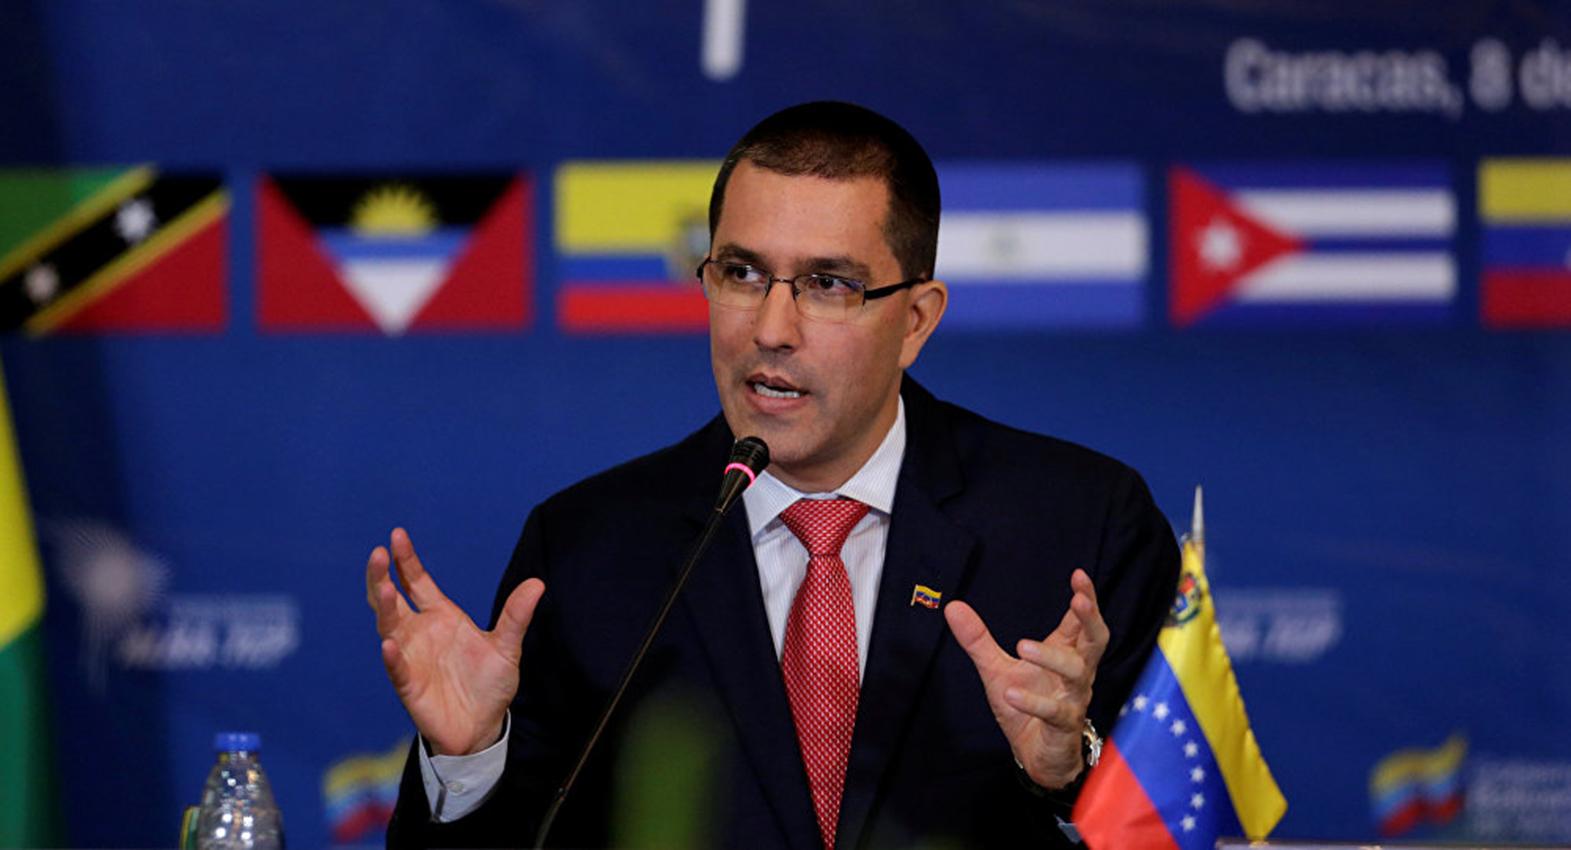 EEUU impone sanciones contra el canciller de Venezuela Jorge Arreaza